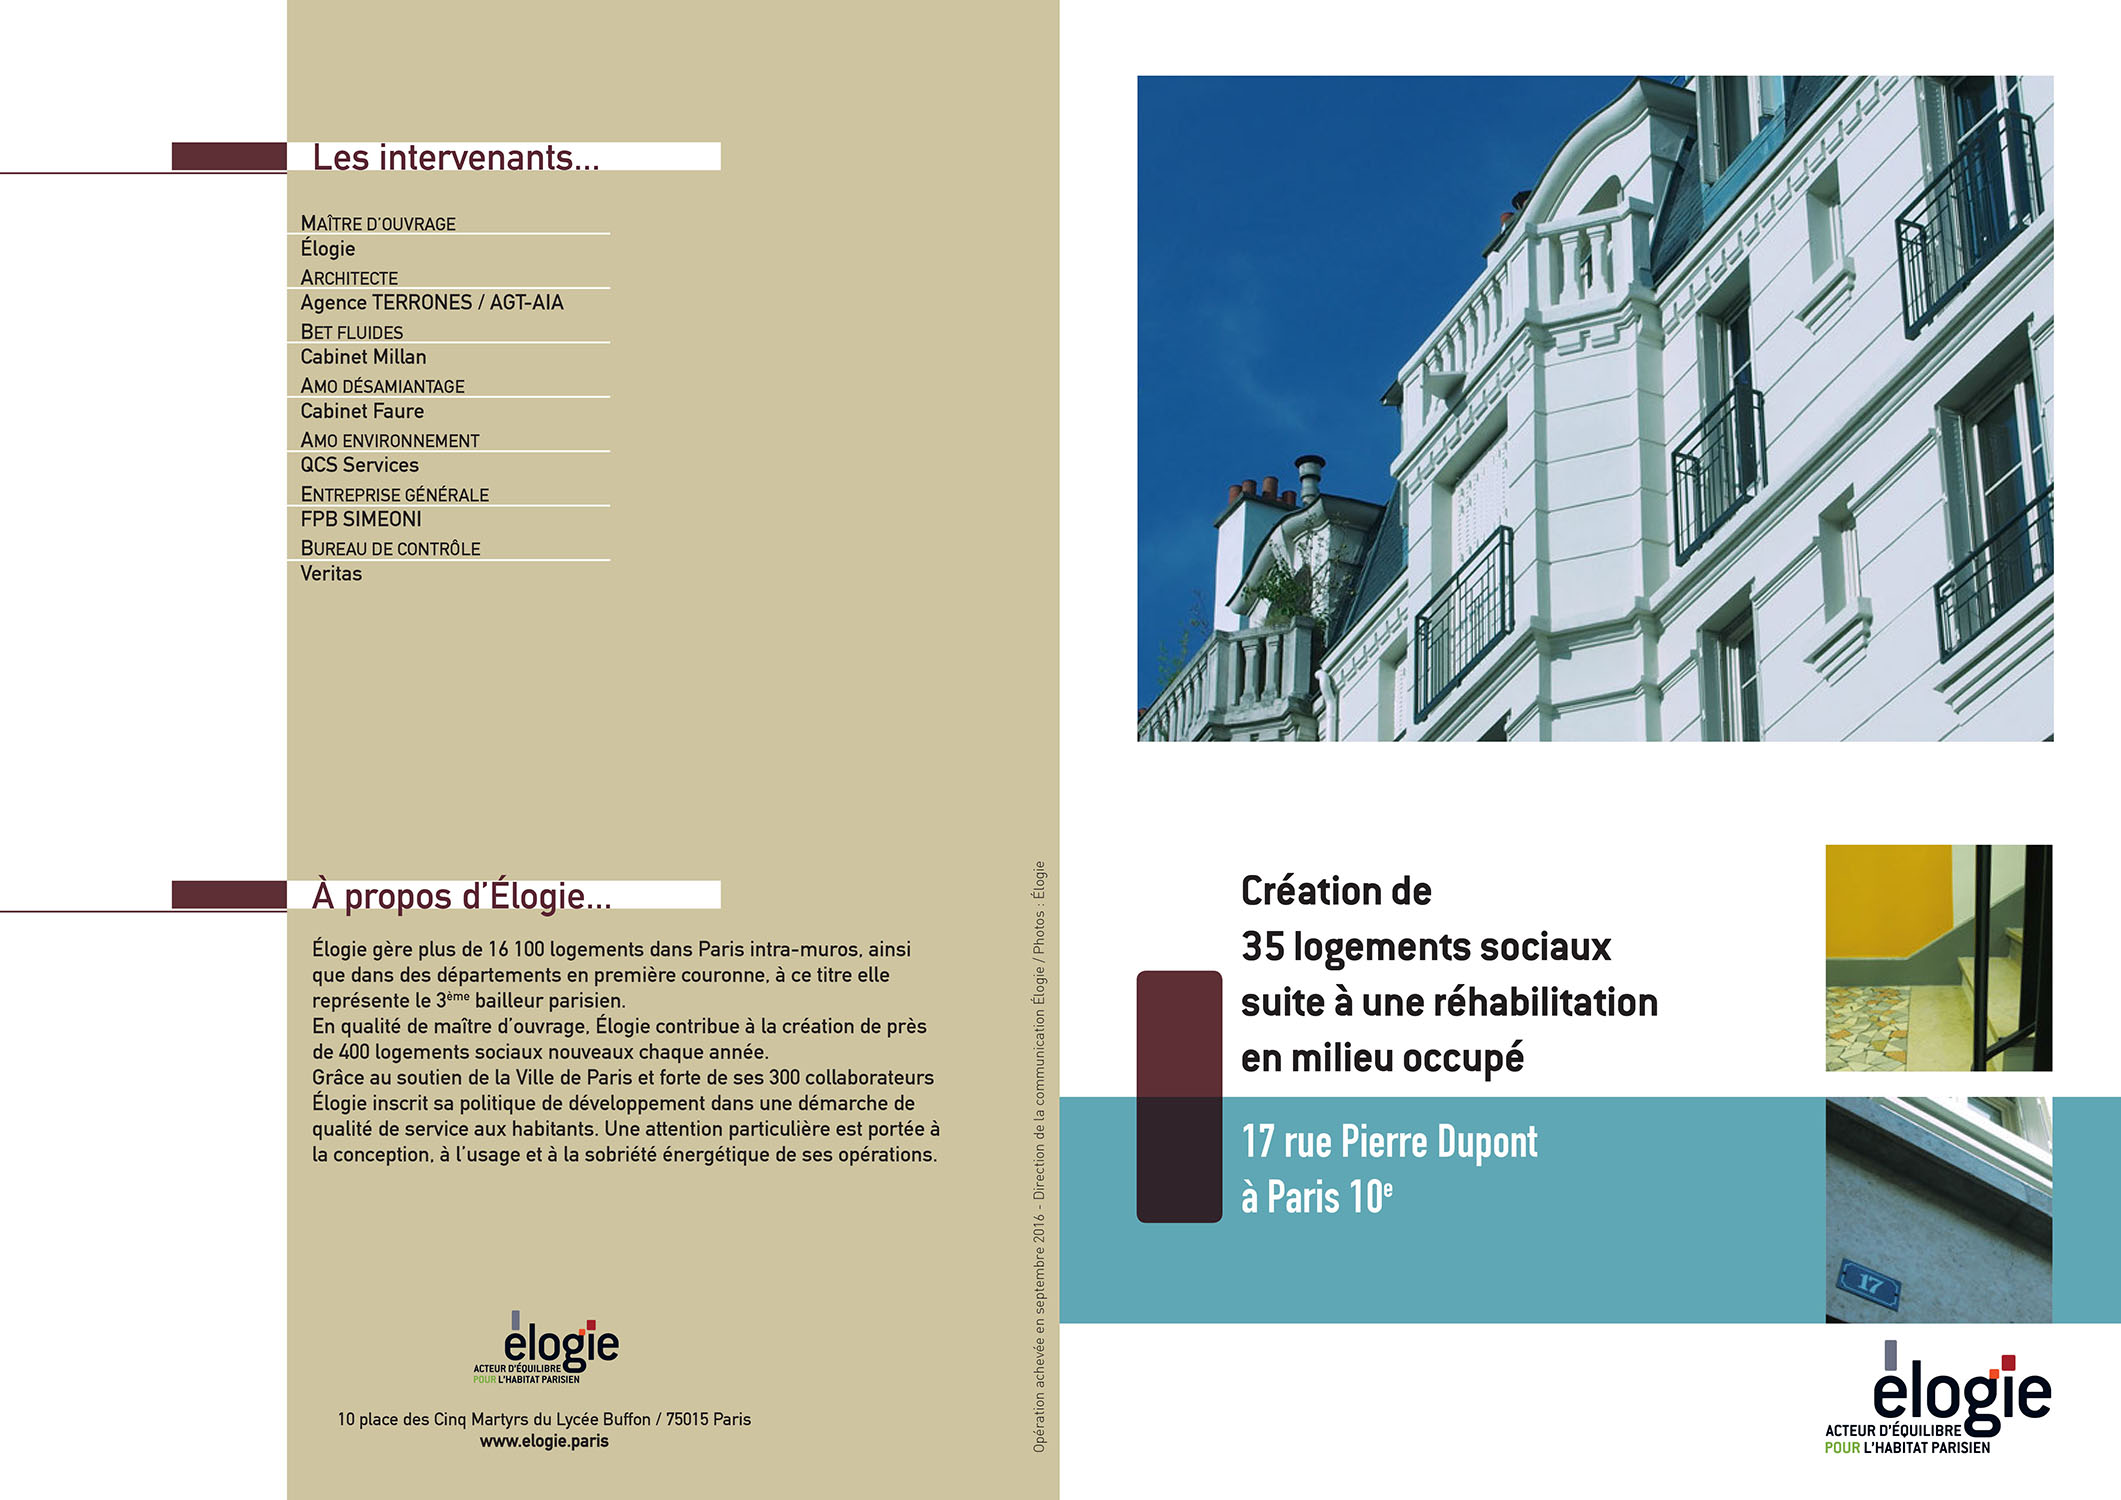 1203E-PDUPONT-160914_Plaquette_2volets-Pierre_Dupont-AB-WEB-1.jpg